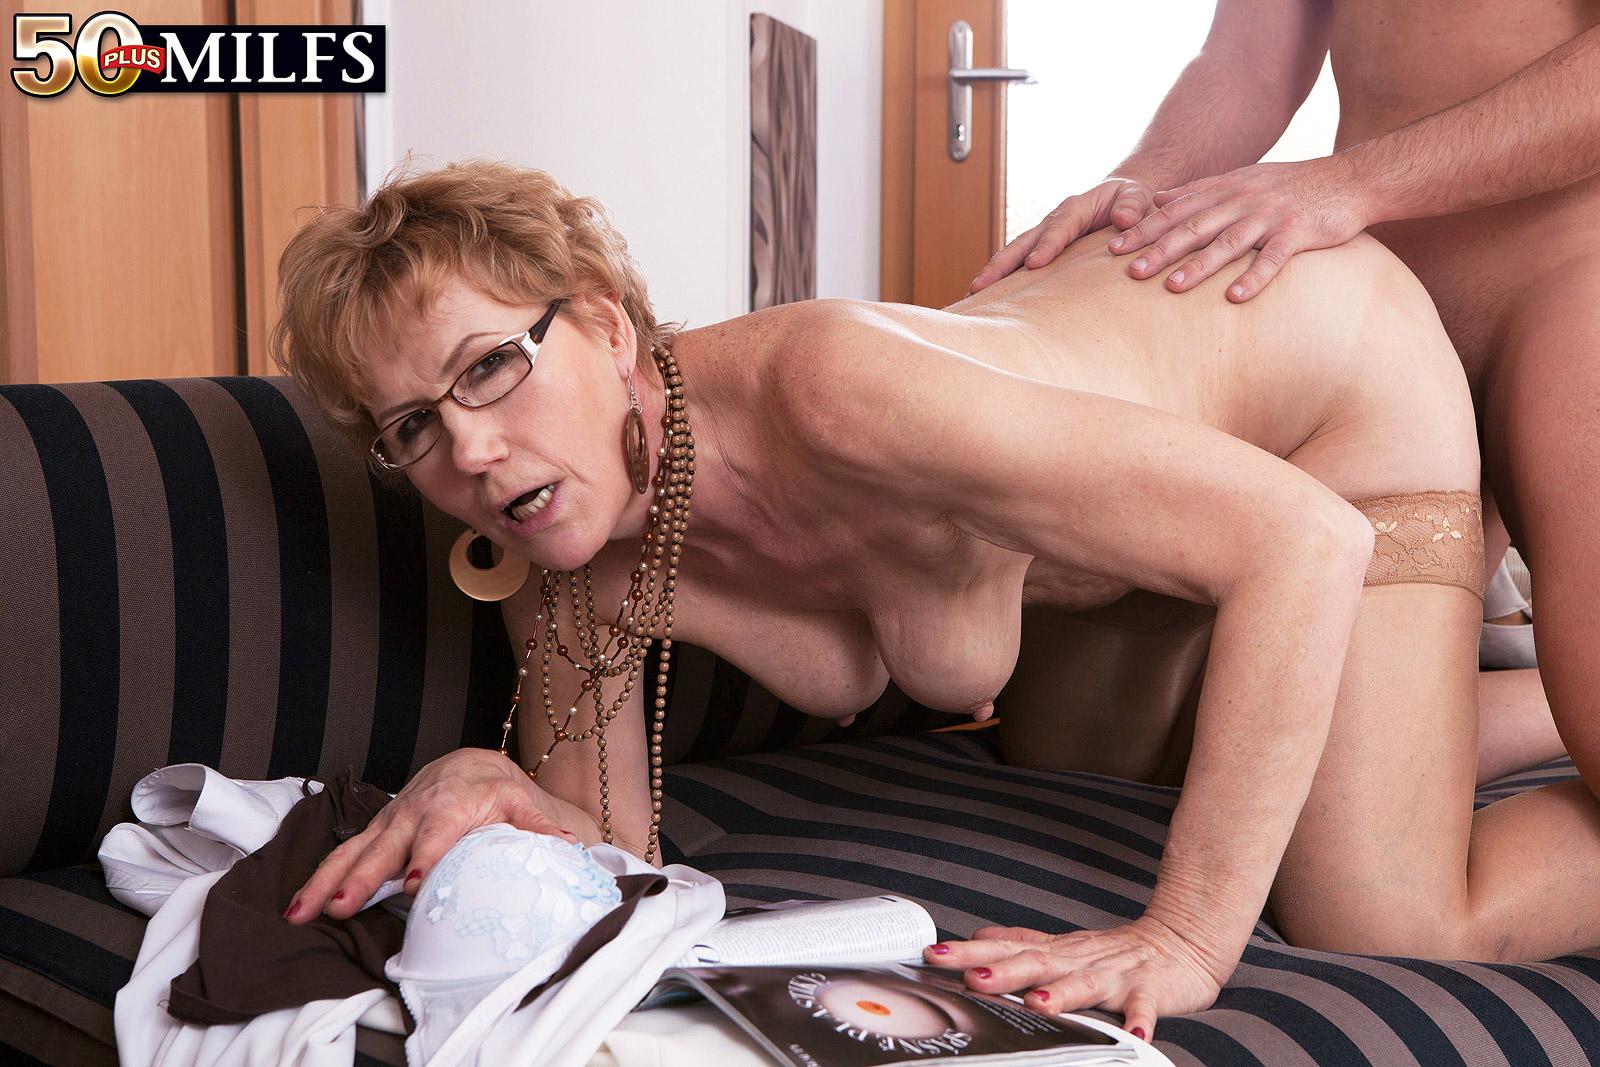 Сочные задницы зрелую мадам трахают в очко онлайн пассива грубо